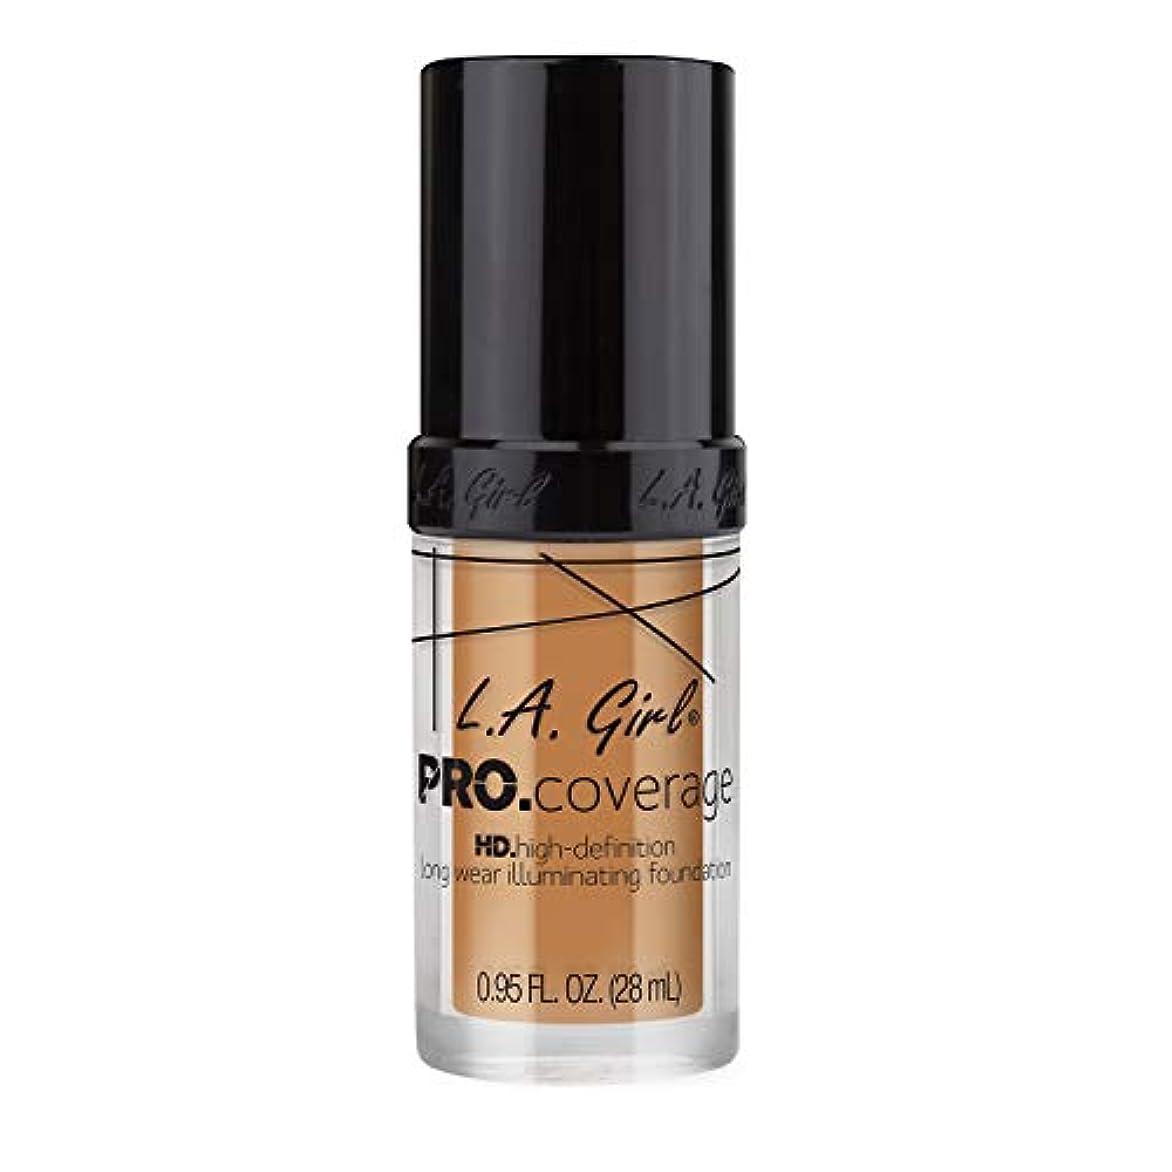 アライアンス初期脳海外直送品 L.A. Girl Pro Coverage Liquid Foundation 28ml, Nude Beige